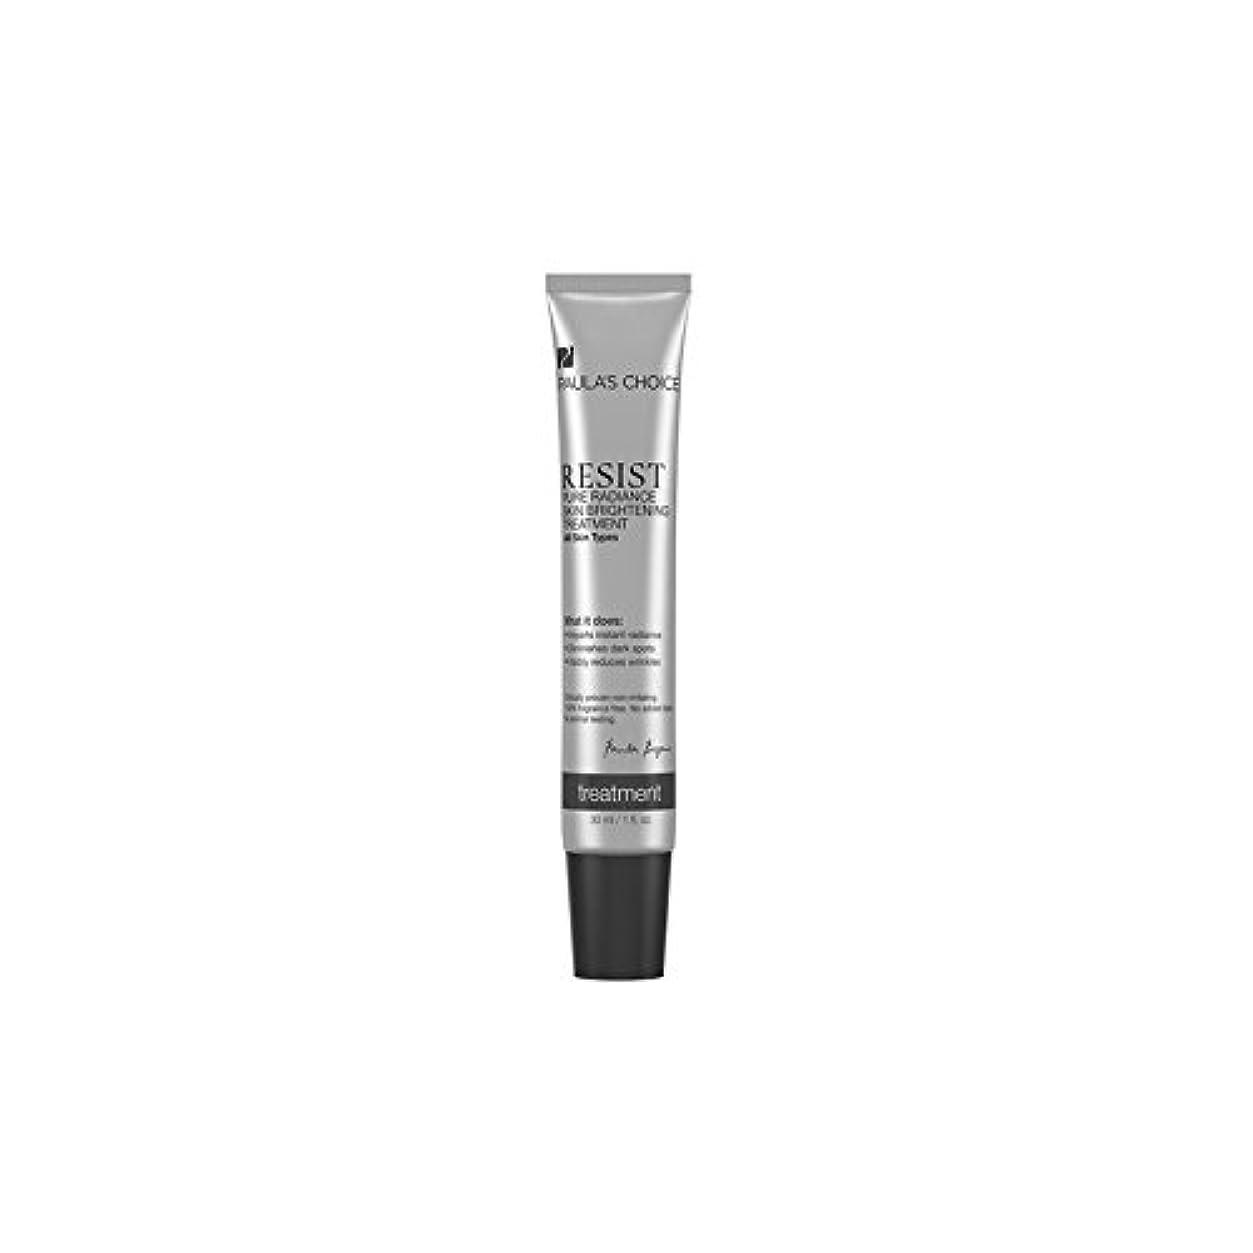 不利無限悲しむPaula's Choice Resist Pure Radiance Skin Brightening Treatment (30ml) (Pack of 6) - ポーラチョイスは純粋な輝き肌ブライトニングトリートメント(30ミリリットル)を抵抗します x6 [並行輸入品]